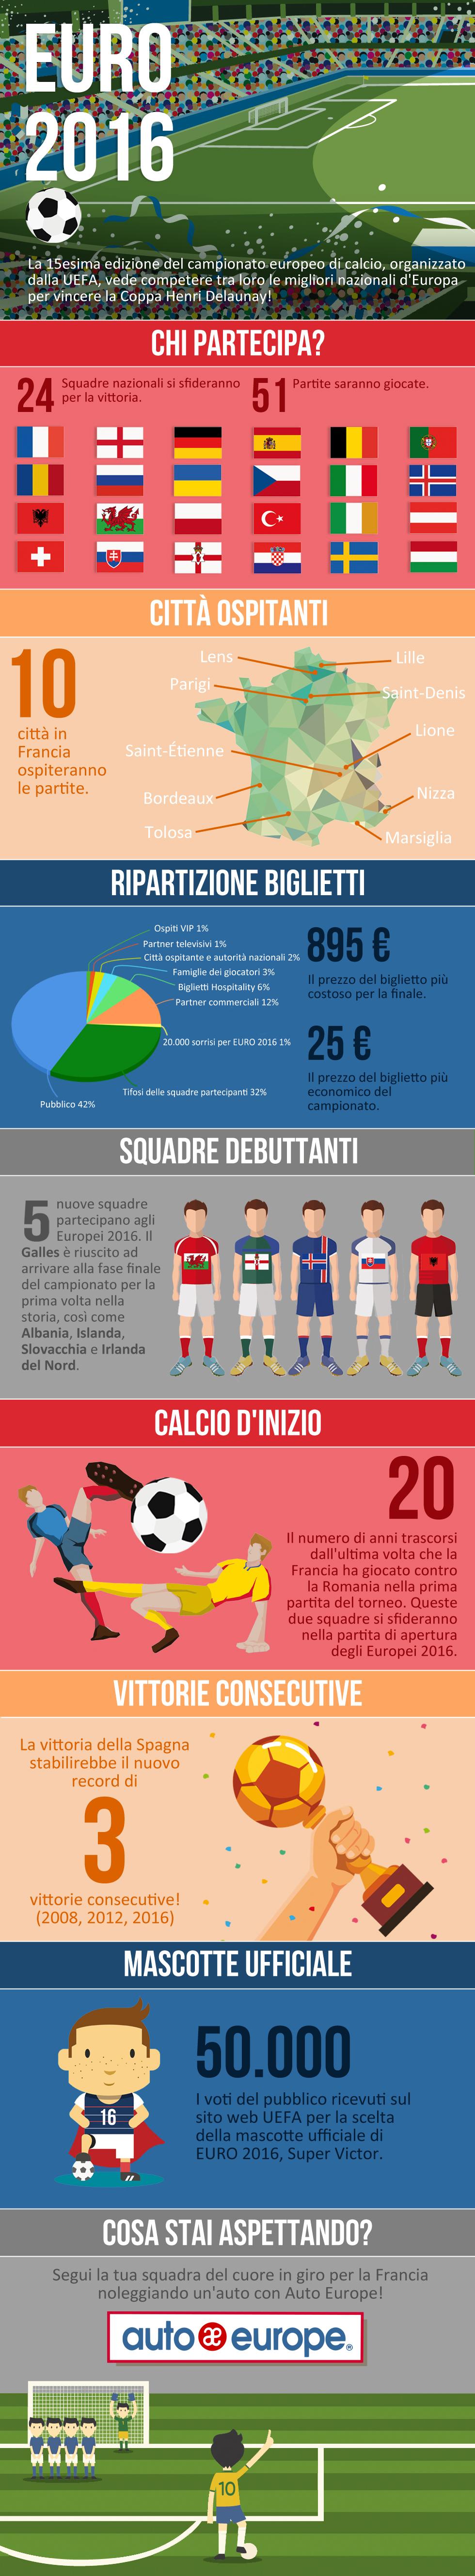 Cose da sapere sul campionato europeo di calcio 2016